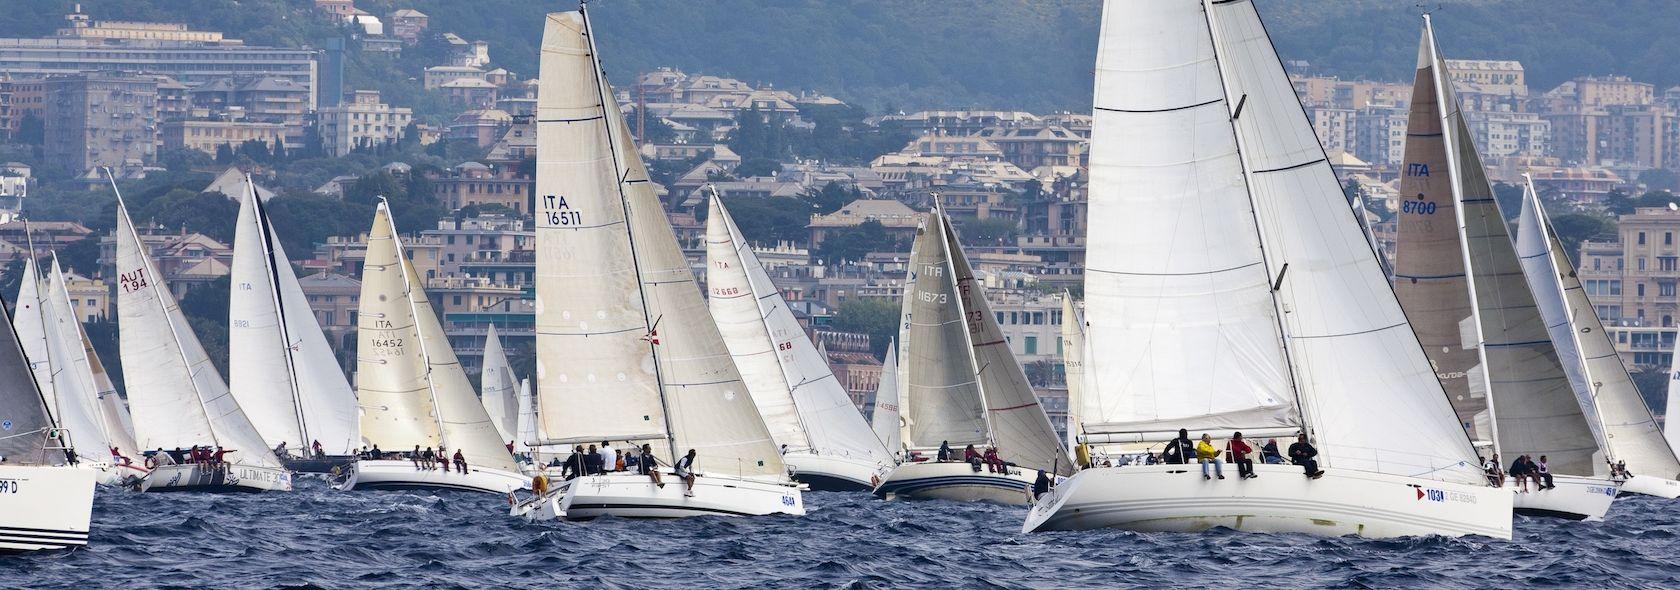 La Mille Vele nel mare di Genova